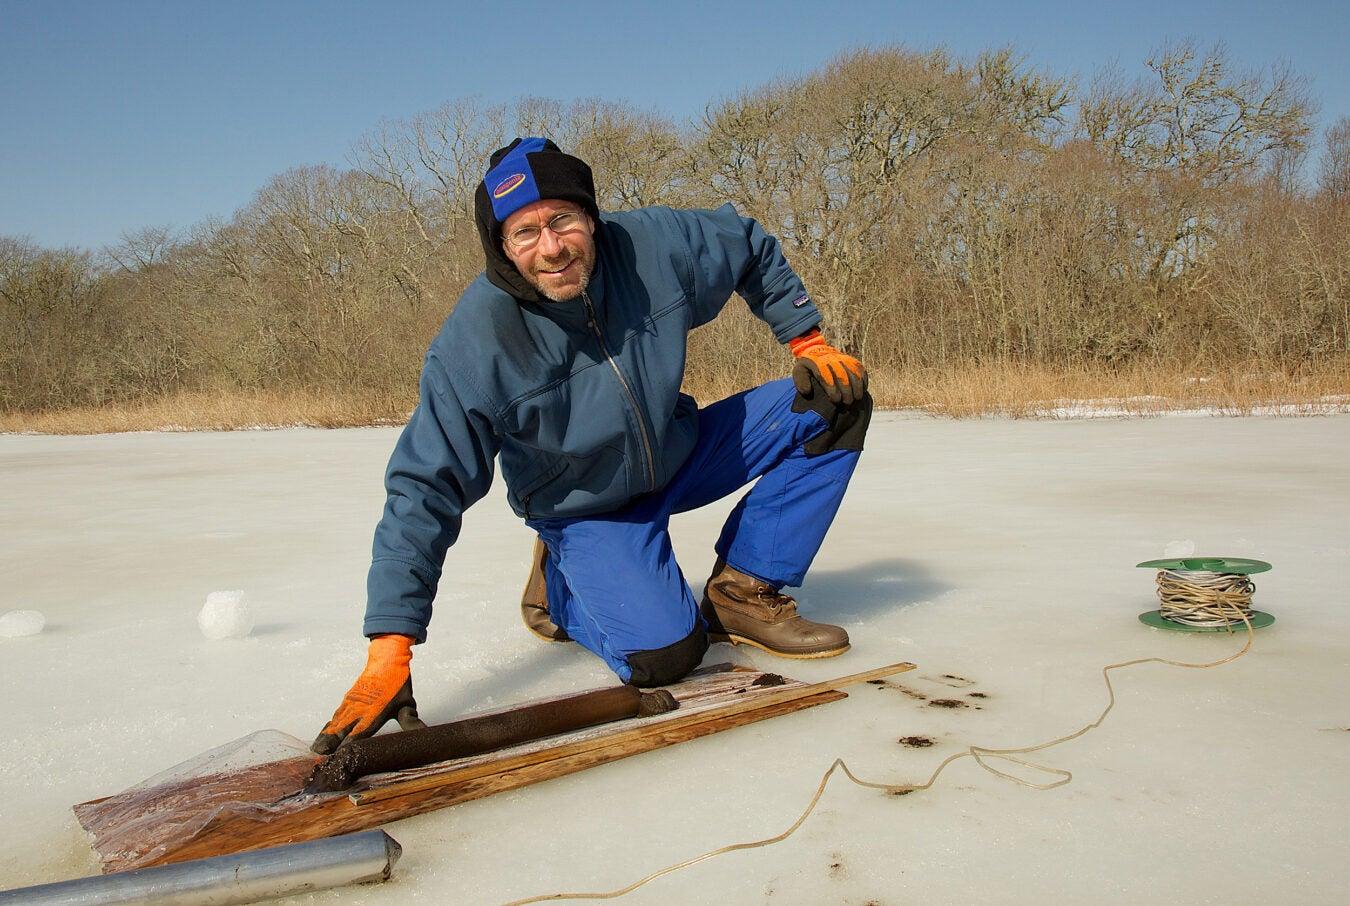 Man on frozen pond.